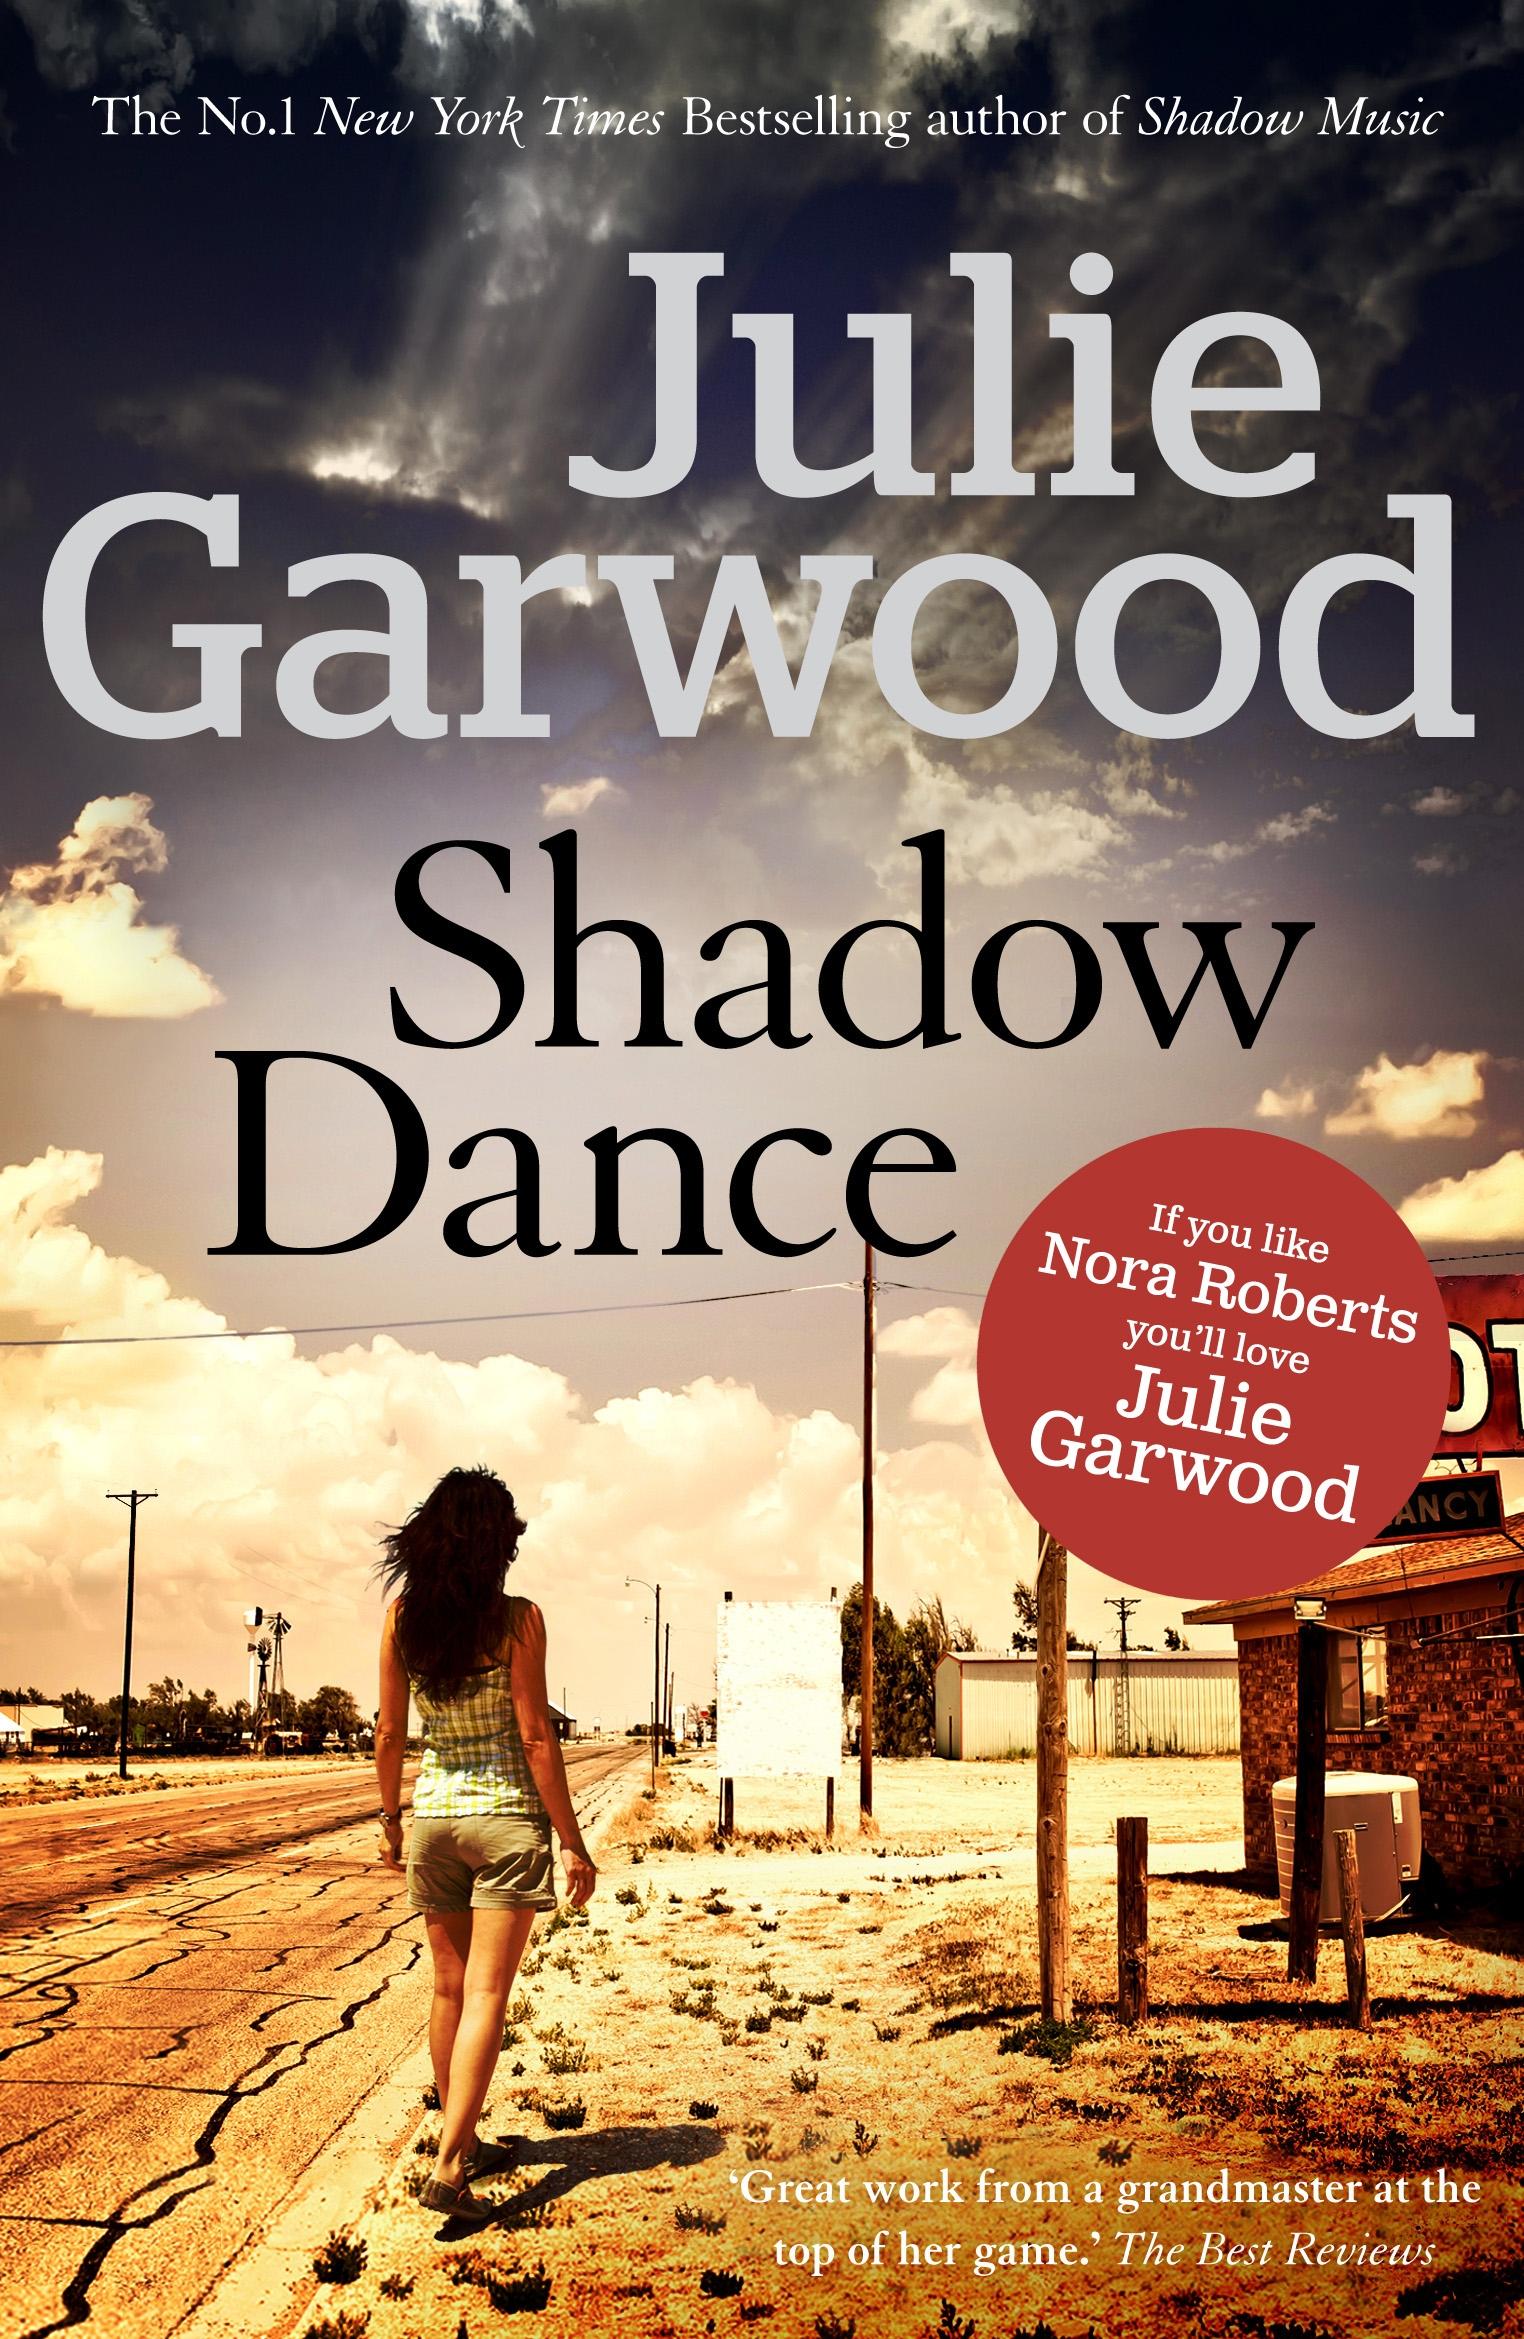 Julie garwood the bride torrent baixar